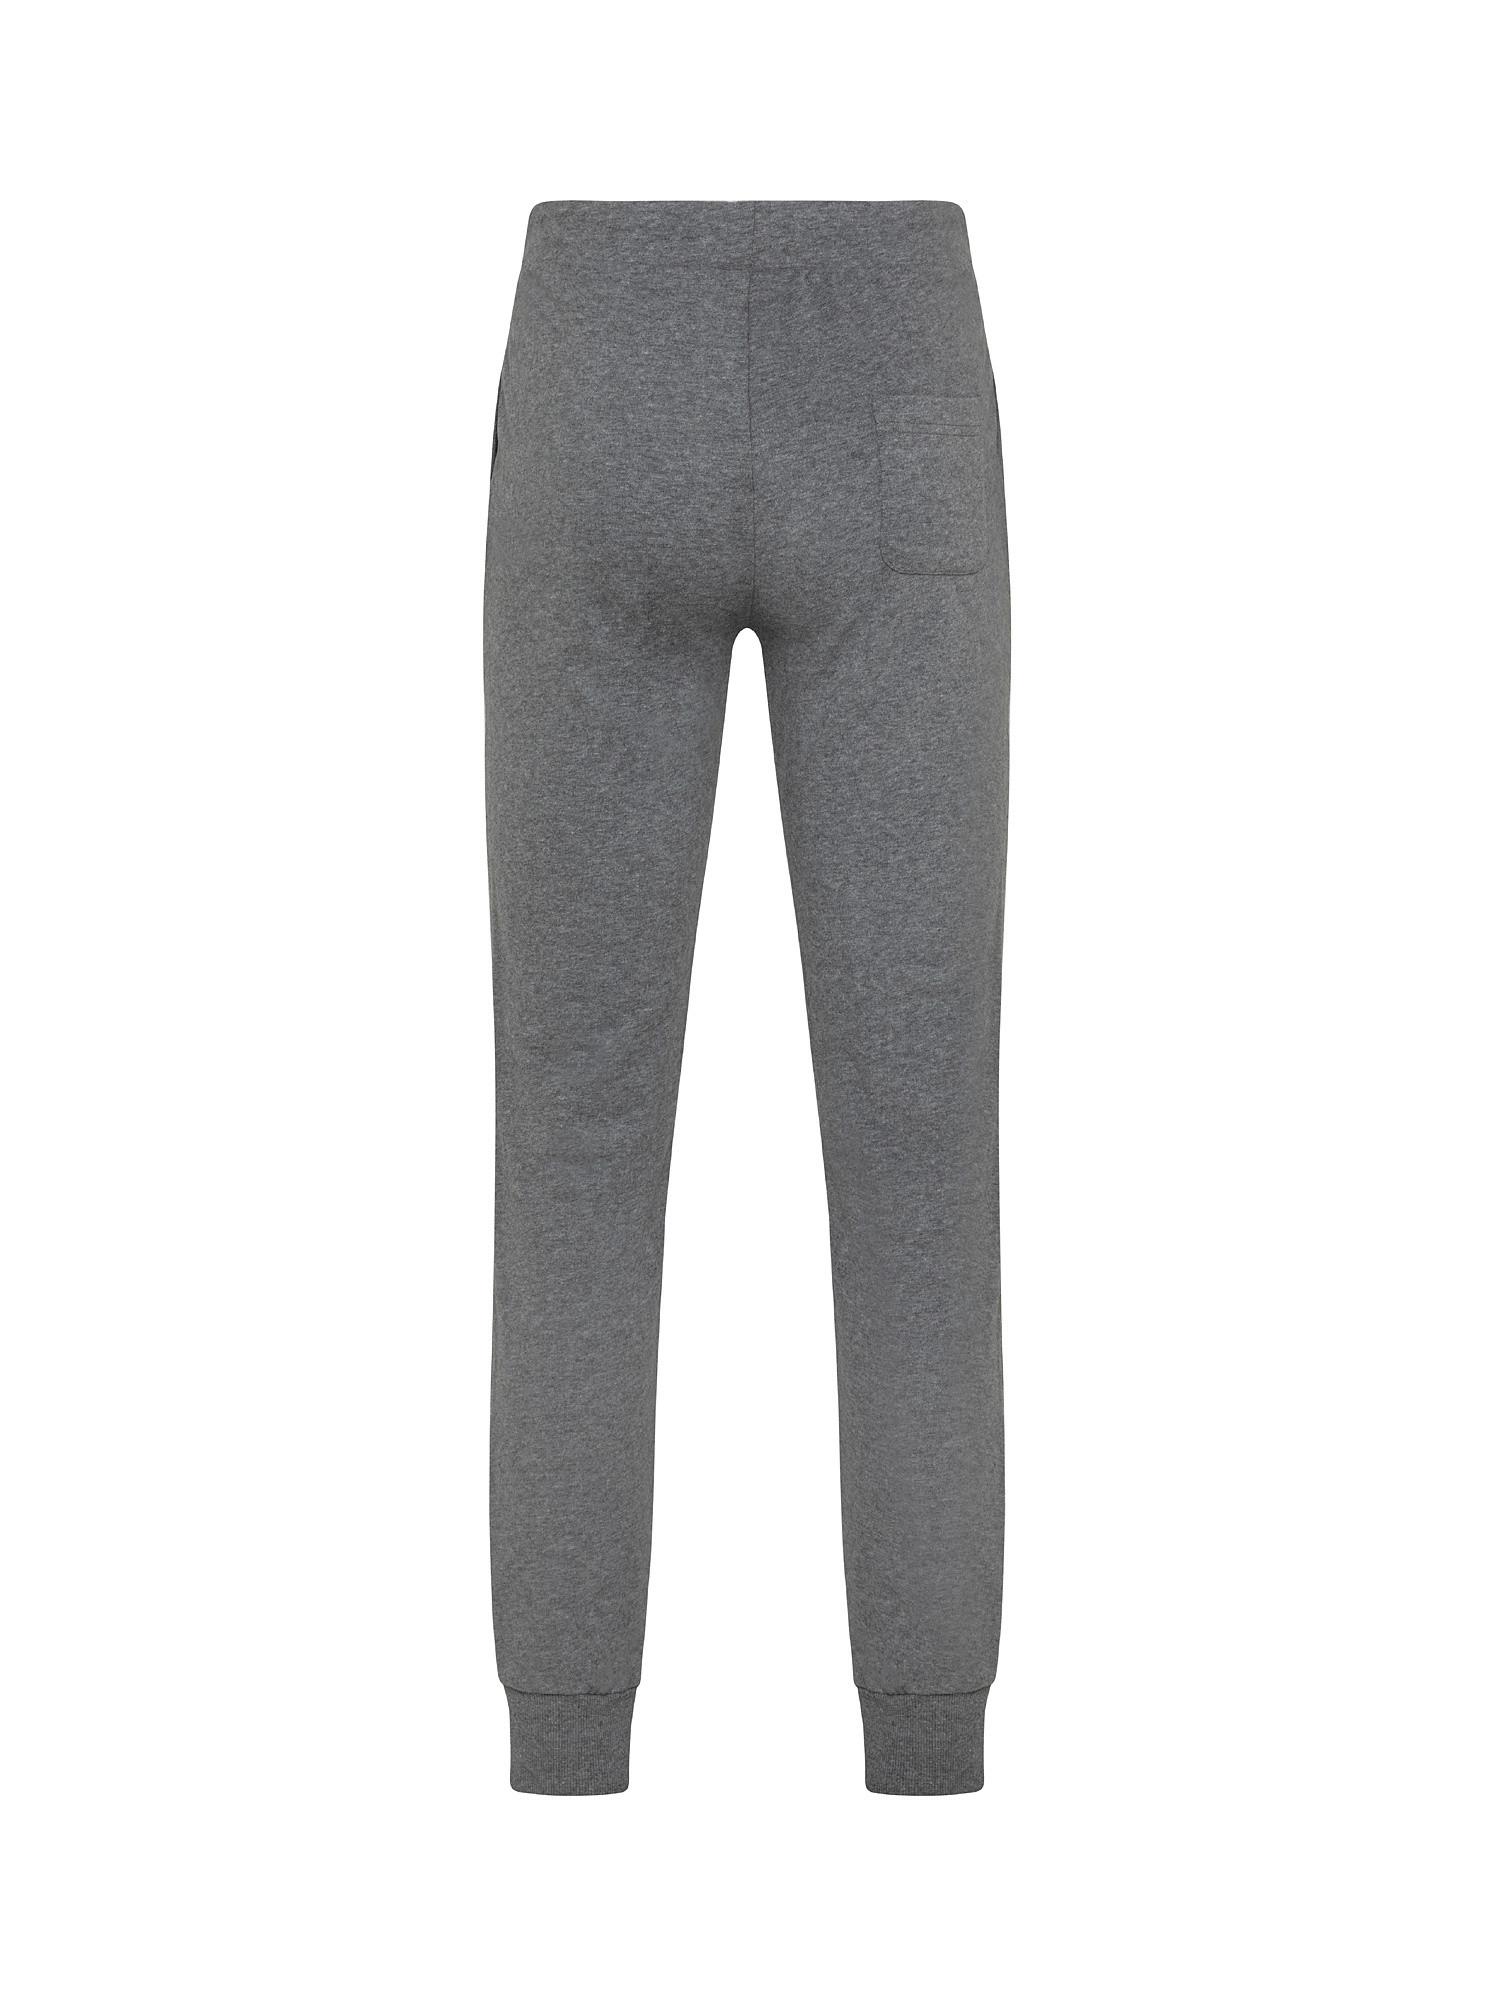 Pantalone da uomo regular fit, Grigio, large image number 1